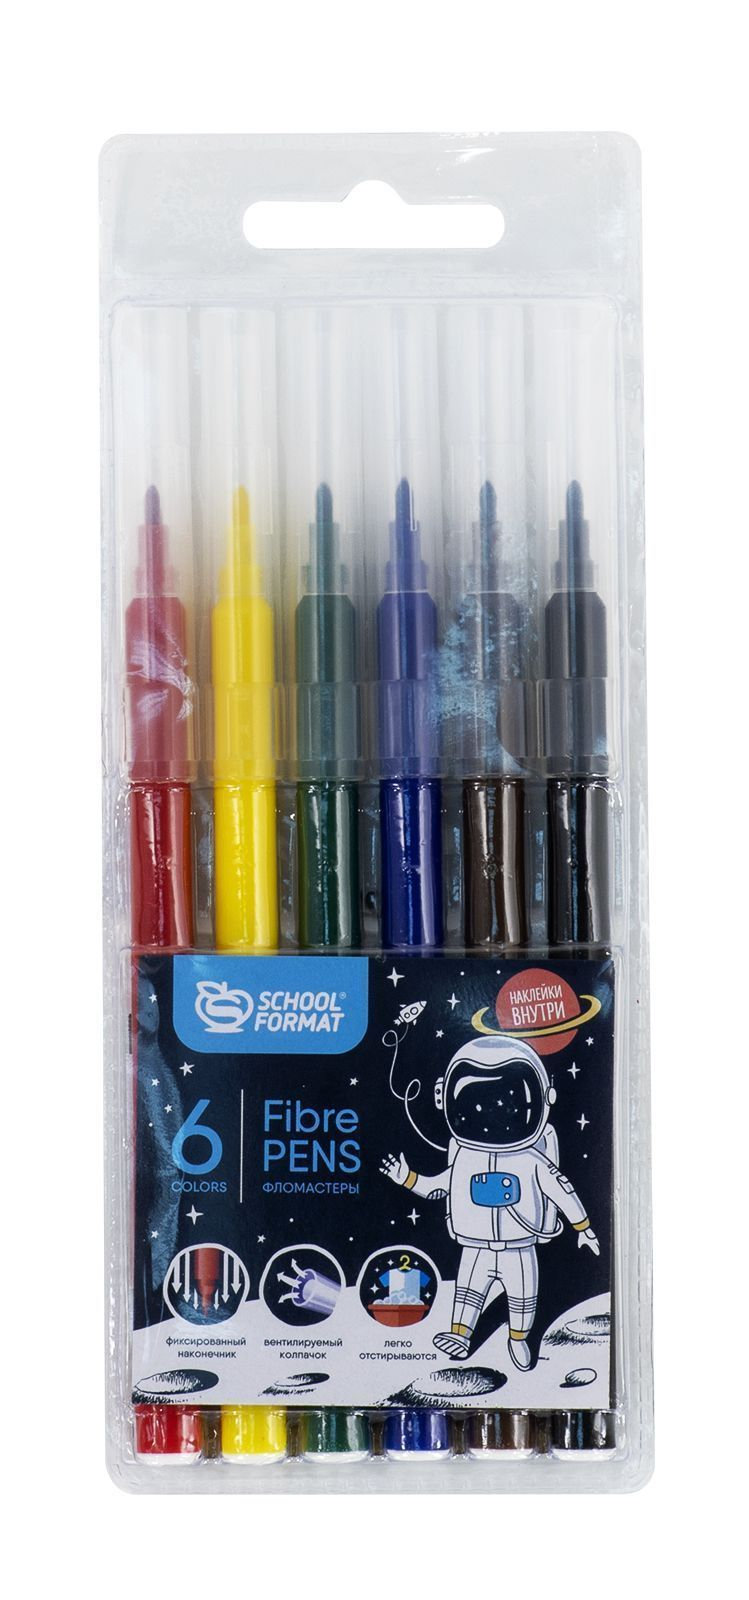 Фломастеры schoolФОРМАТ SPACE ADVENTURE 6 цветов, блистер, круглый корпус, стандартные